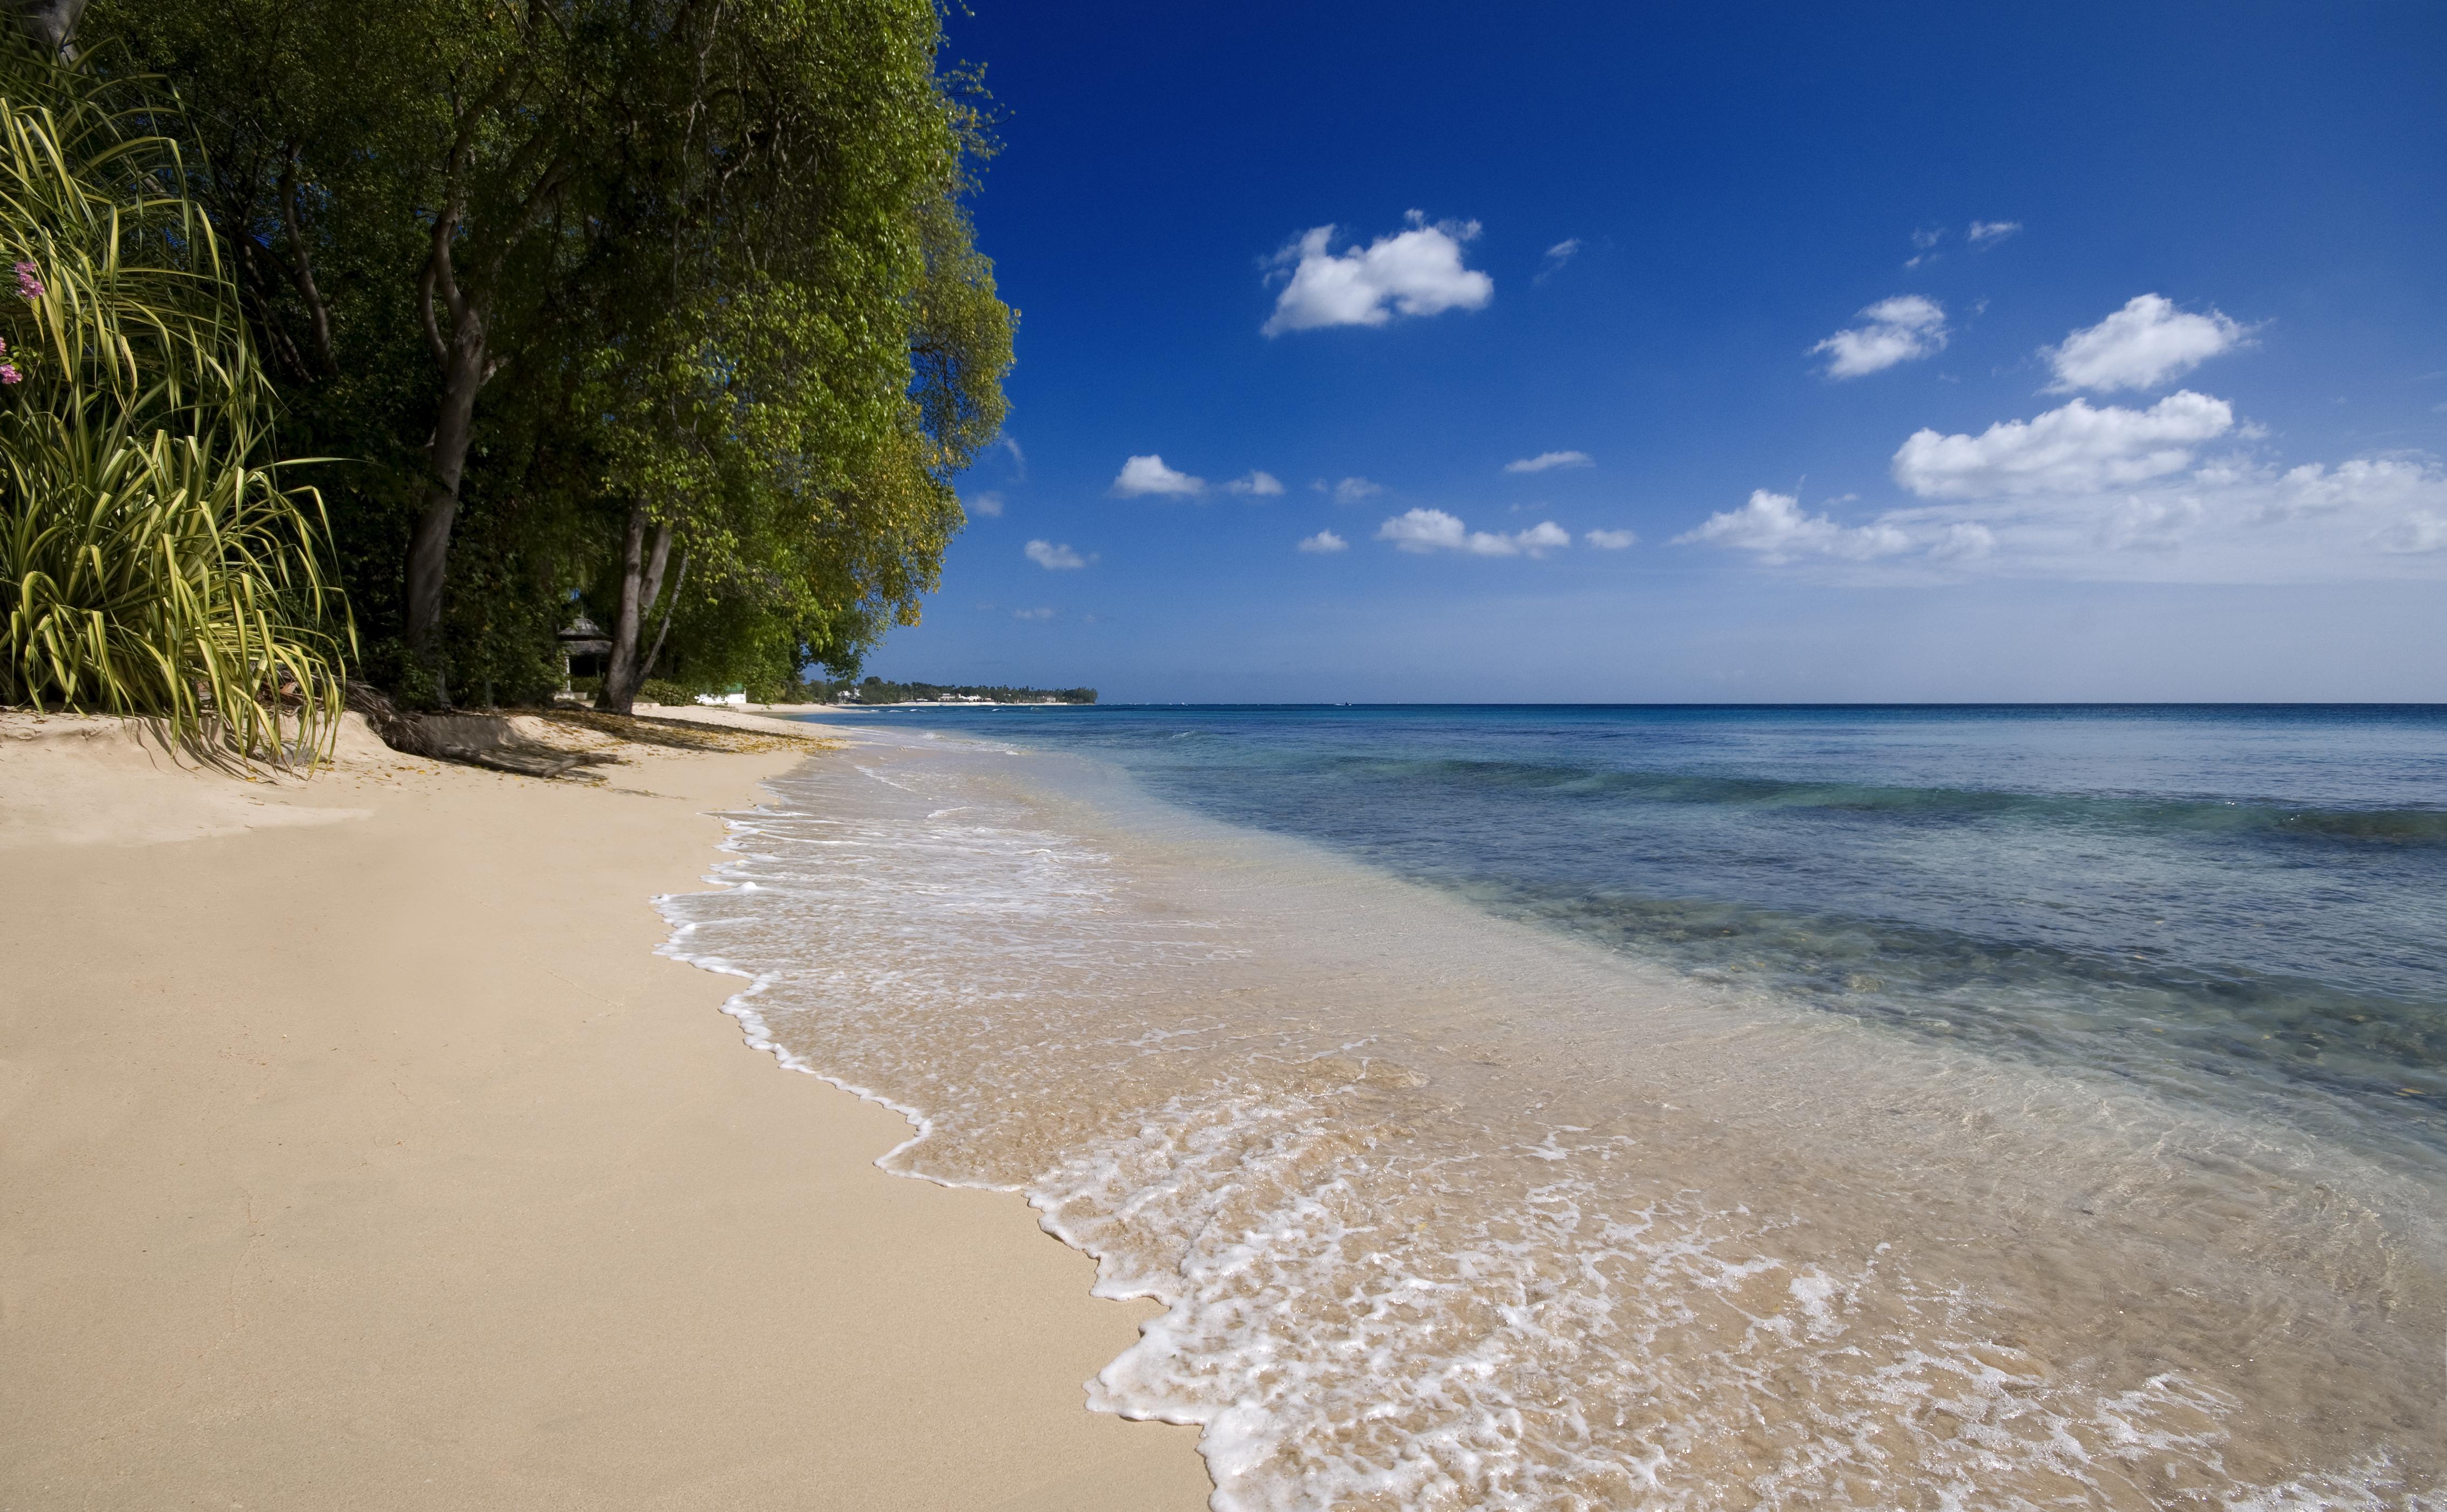 MOON REACH BEACH